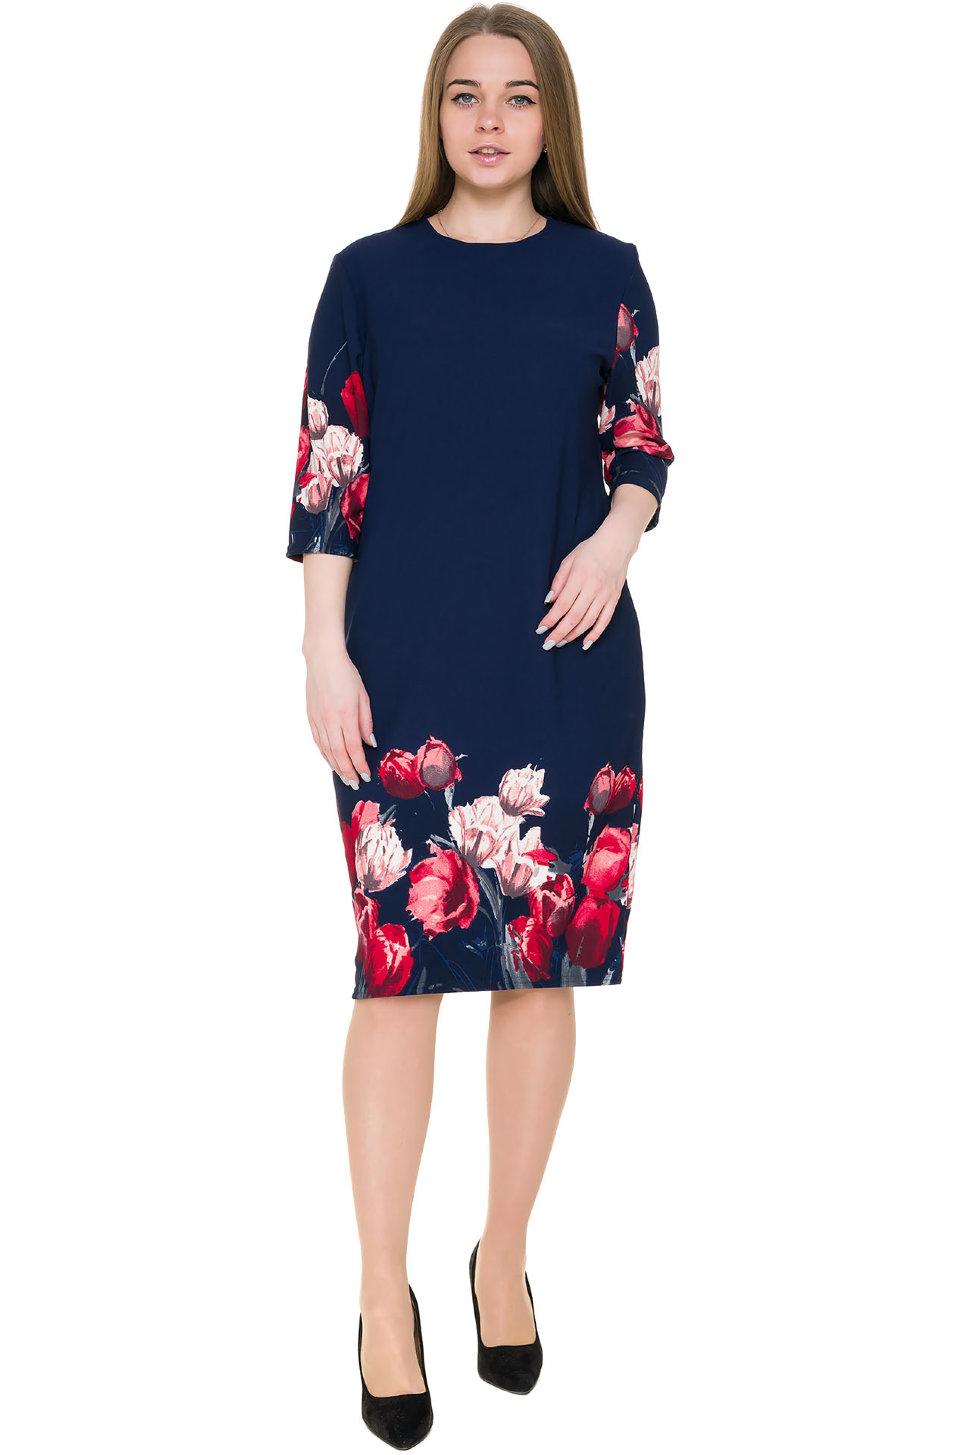 42b6a5f079e Интернет-магазин брендовой женской одежды AlenkaPlus рекомендует  присмотреться к витрине с такими вещами и собрать свой персональный аутлук  для прогулок